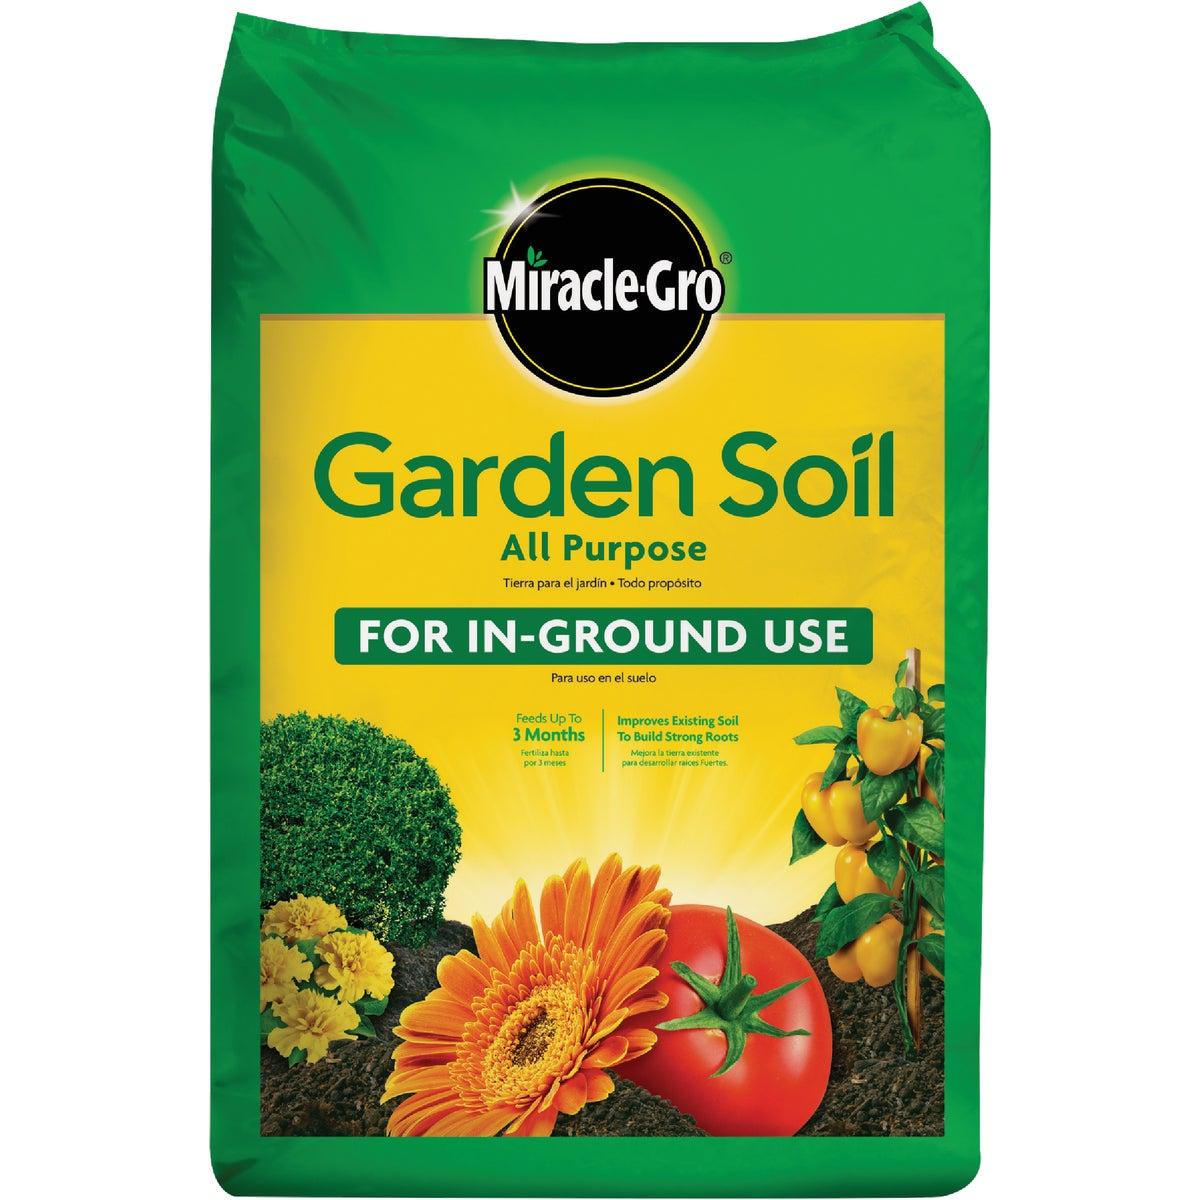 Scotts Organics 1CU FLOWER & GARDEN SOIL 73451300